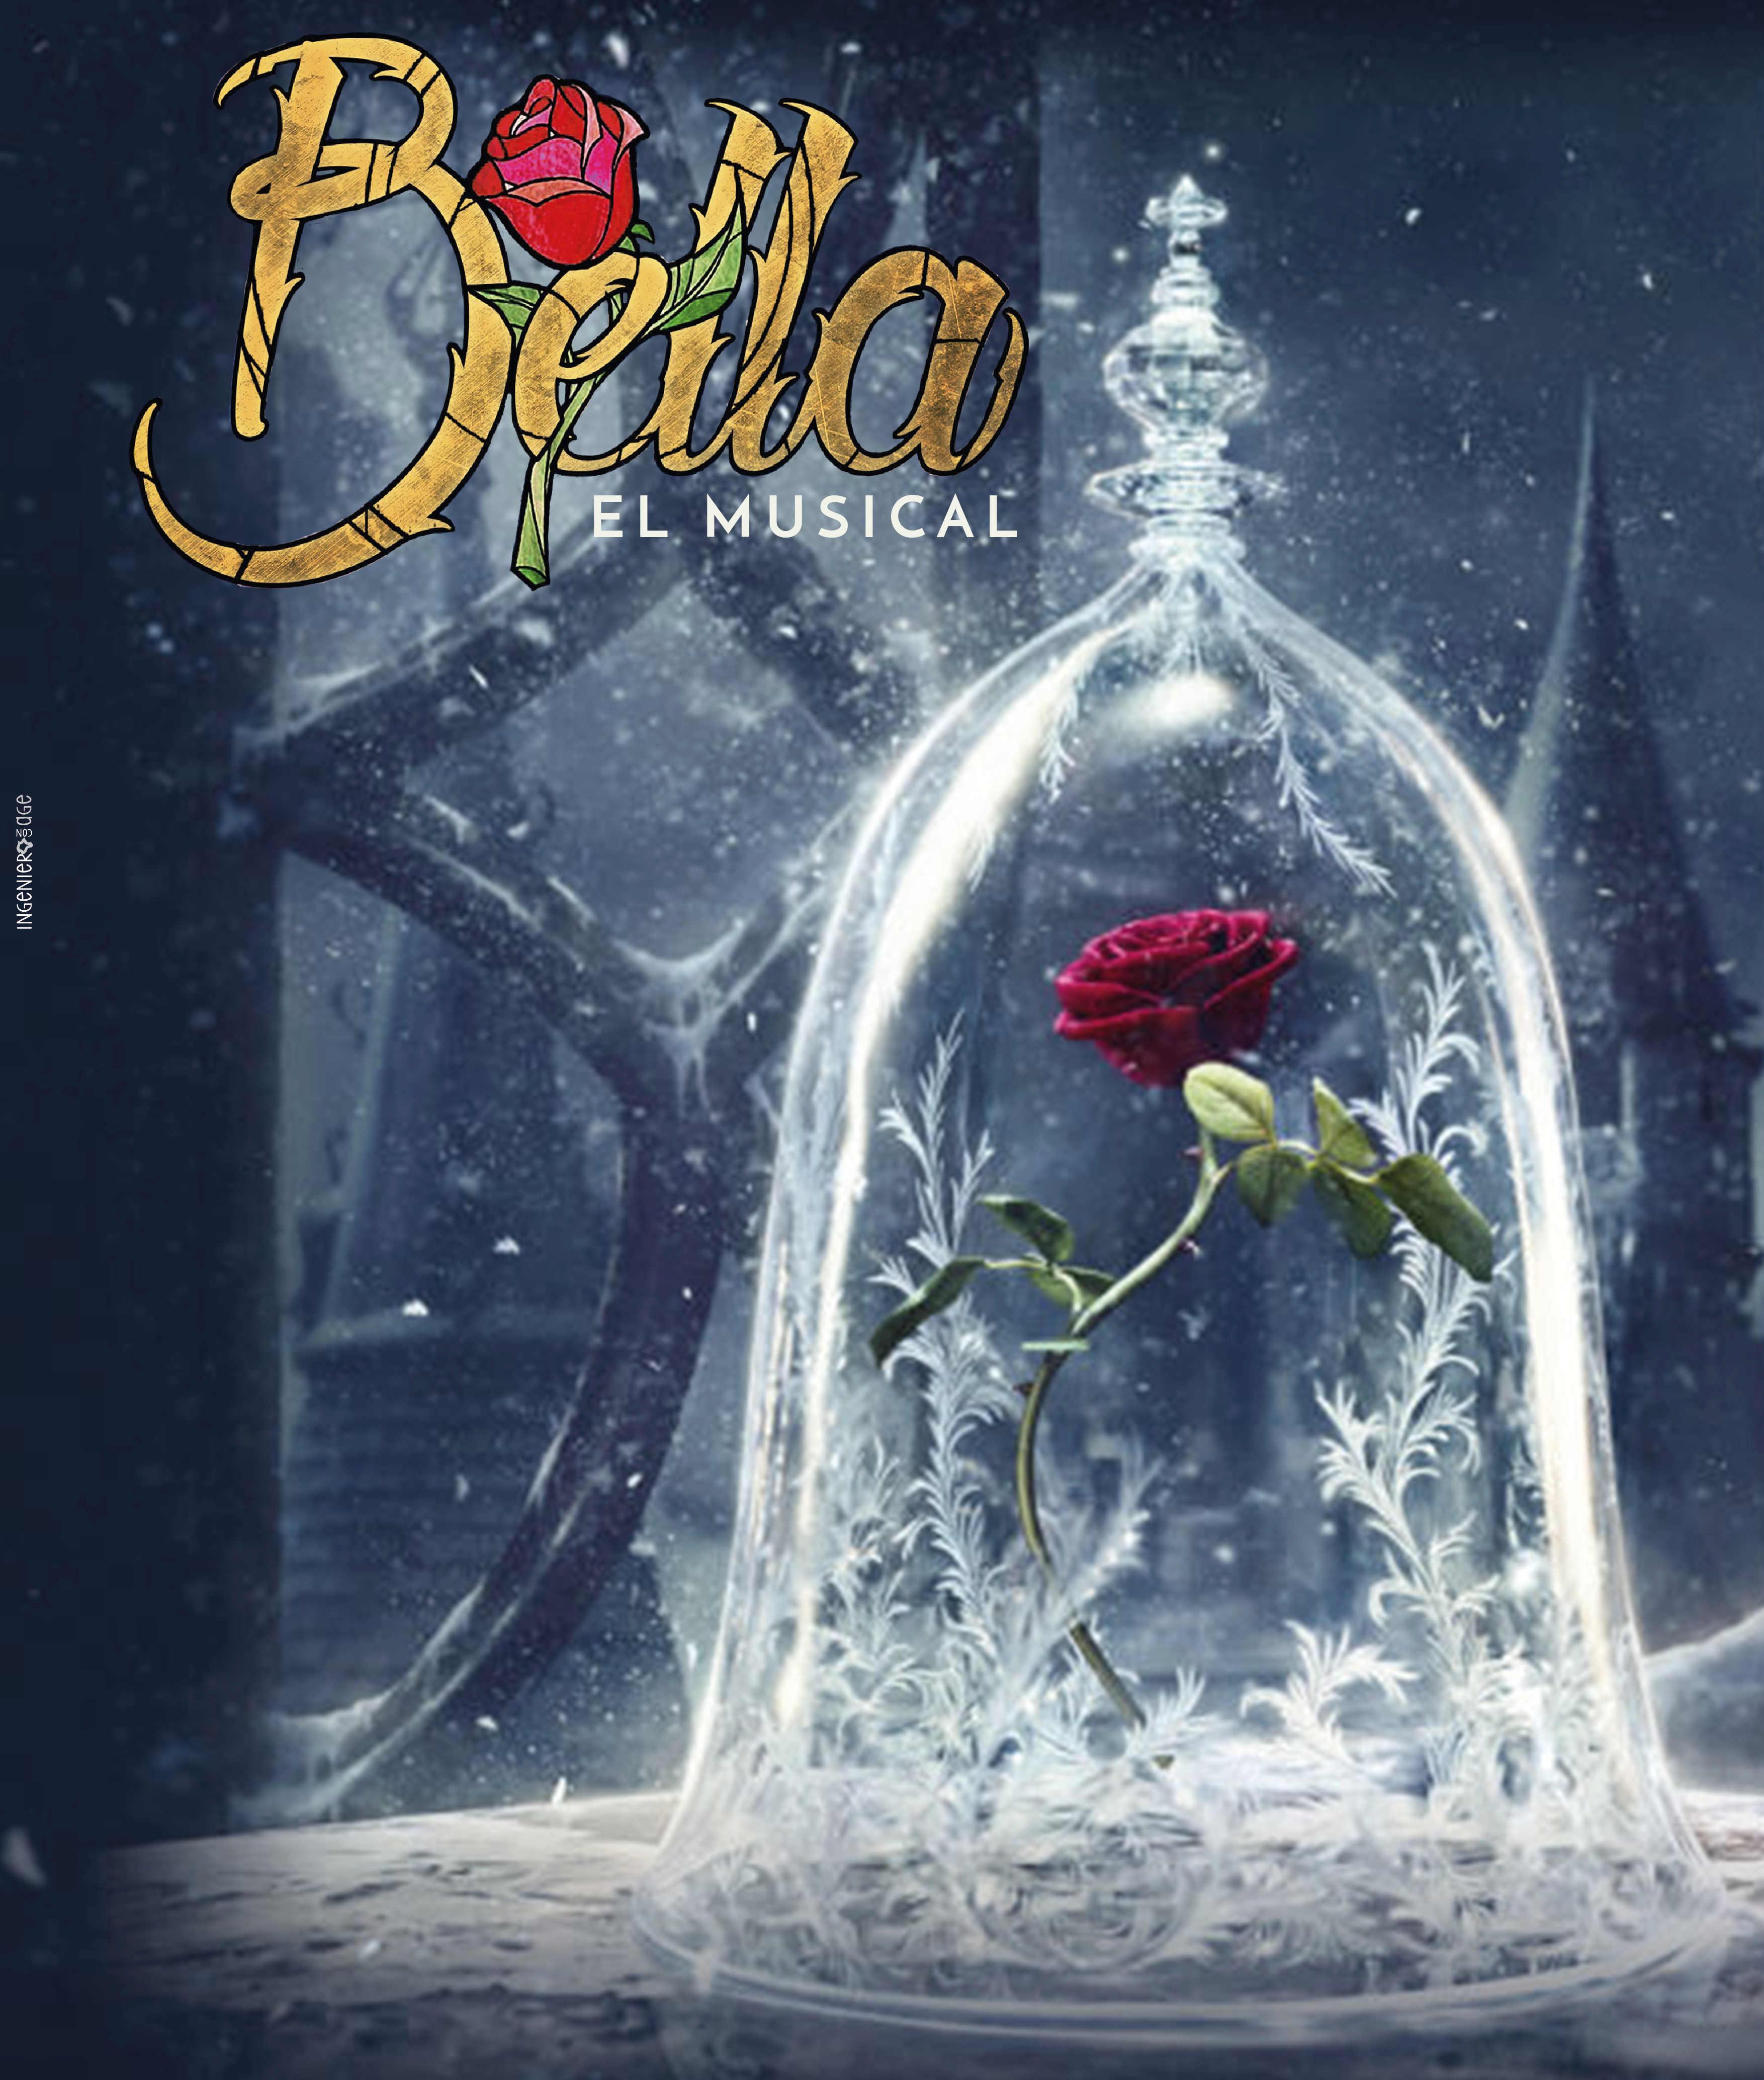 Bella el musical - Cía: Bayaderas - Domingo 20 Enero (12:00 y 18:00 h)